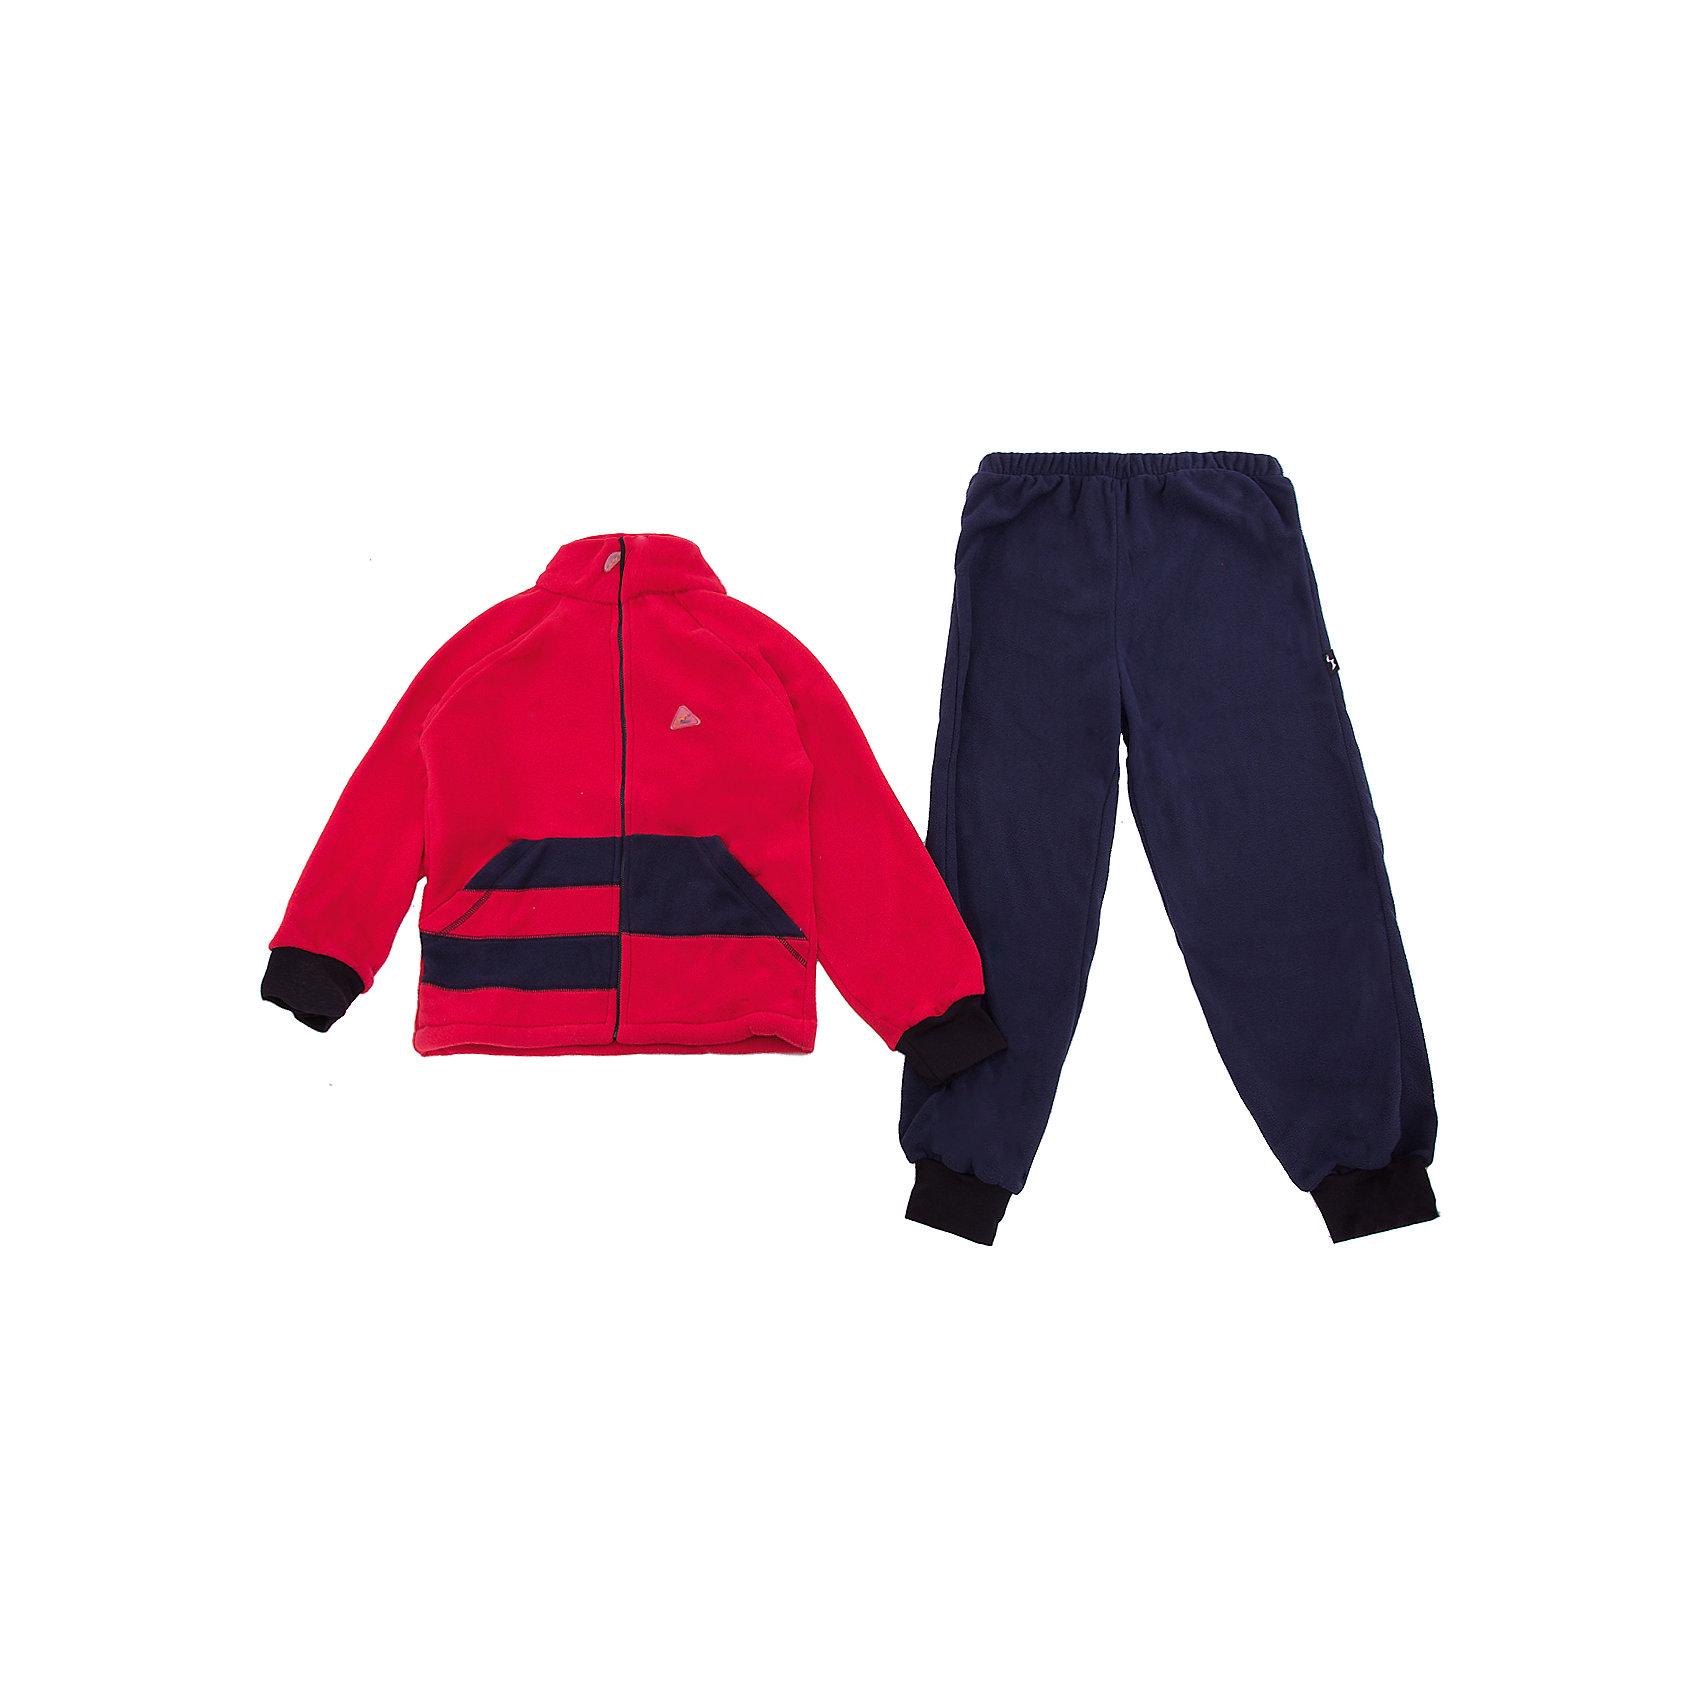 Комплект Полоска ЛисФлисФлис и термобелье<br>Характеристики товара:<br><br>• цвет: красный/синий;<br>• состав: 100% полиэстер, флис (180 гр);<br>• сезон: зима;<br>• особенности: флисовый, без капюшона;<br>• застежка: молния;<br>• защита подбородка от защемления;<br>• эластичные манжеты на рукавах и штанинах;<br>• штаны на резинке;<br>• два прорезных кармана;<br>• страна бренда: Россия;<br>• страна производства: Россия.<br><br>Флисовый комплект на молнии. Изделие можно одевать как поддеву (дополнительный утепляющий слой) под мембранную одежду при минусовой температуре. А как самостоятельный элемент одежды (верхний слой) от +10 градусов. Прочная молния комбинезона расстегивается и застегивается одним движением руки. Флисовый комплект, кофта на молнии, без капюшона, штаны на резинке.<br><br>Комплект Полоска ЛисФлис можно купить в нашем интернет-магазине.<br><br>Ширина мм: 190<br>Глубина мм: 74<br>Высота мм: 229<br>Вес г: 236<br>Цвет: красный<br>Возраст от месяцев: 12<br>Возраст до месяцев: 15<br>Пол: Унисекс<br>Возраст: Детский<br>Размер: 80,146,86,92,98,104,110,116,122,128,134,140<br>SKU: 7052760